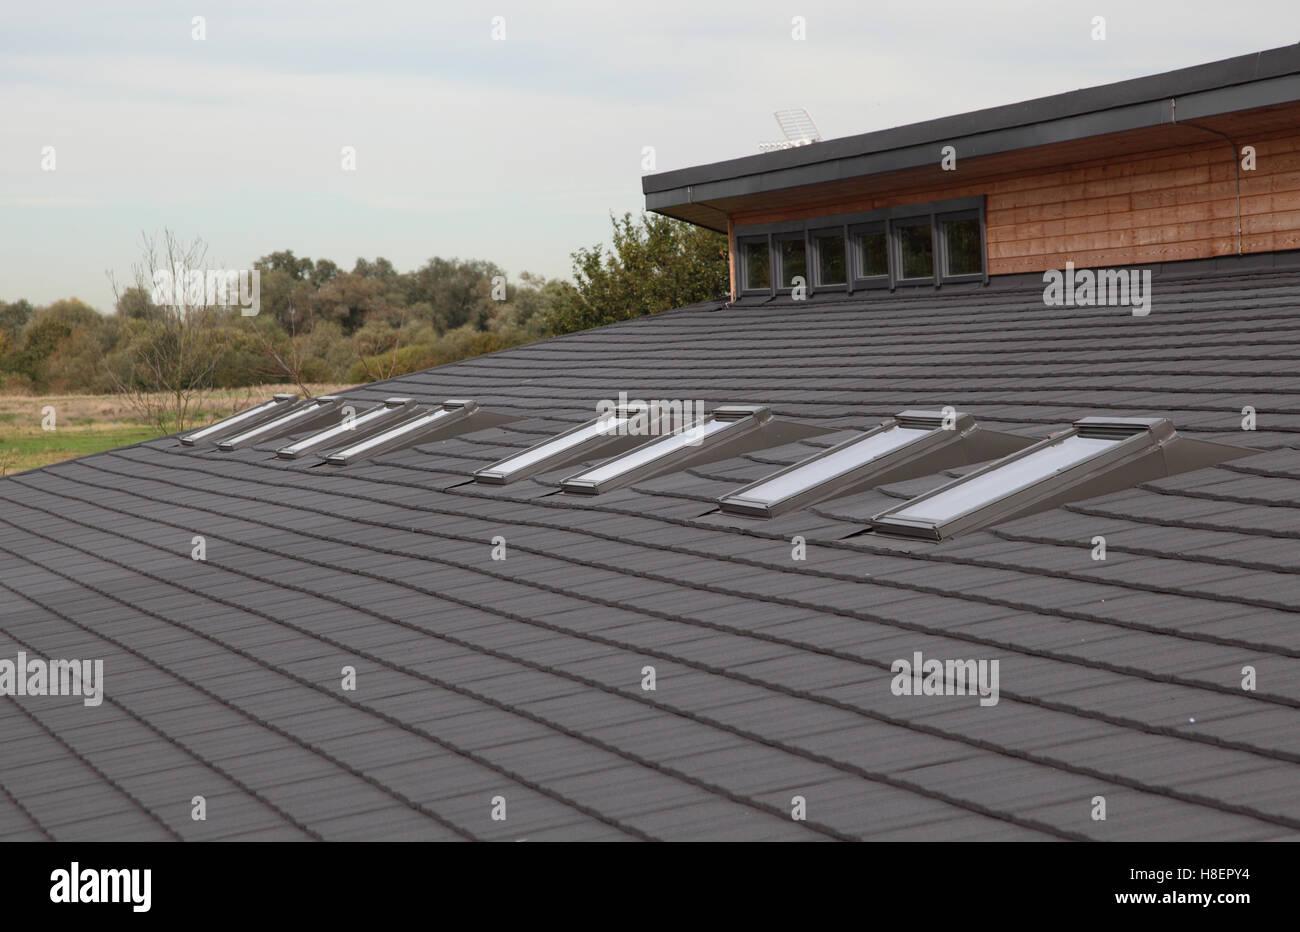 Dettaglio del tetto di una nuova classe di legno blocco ad una